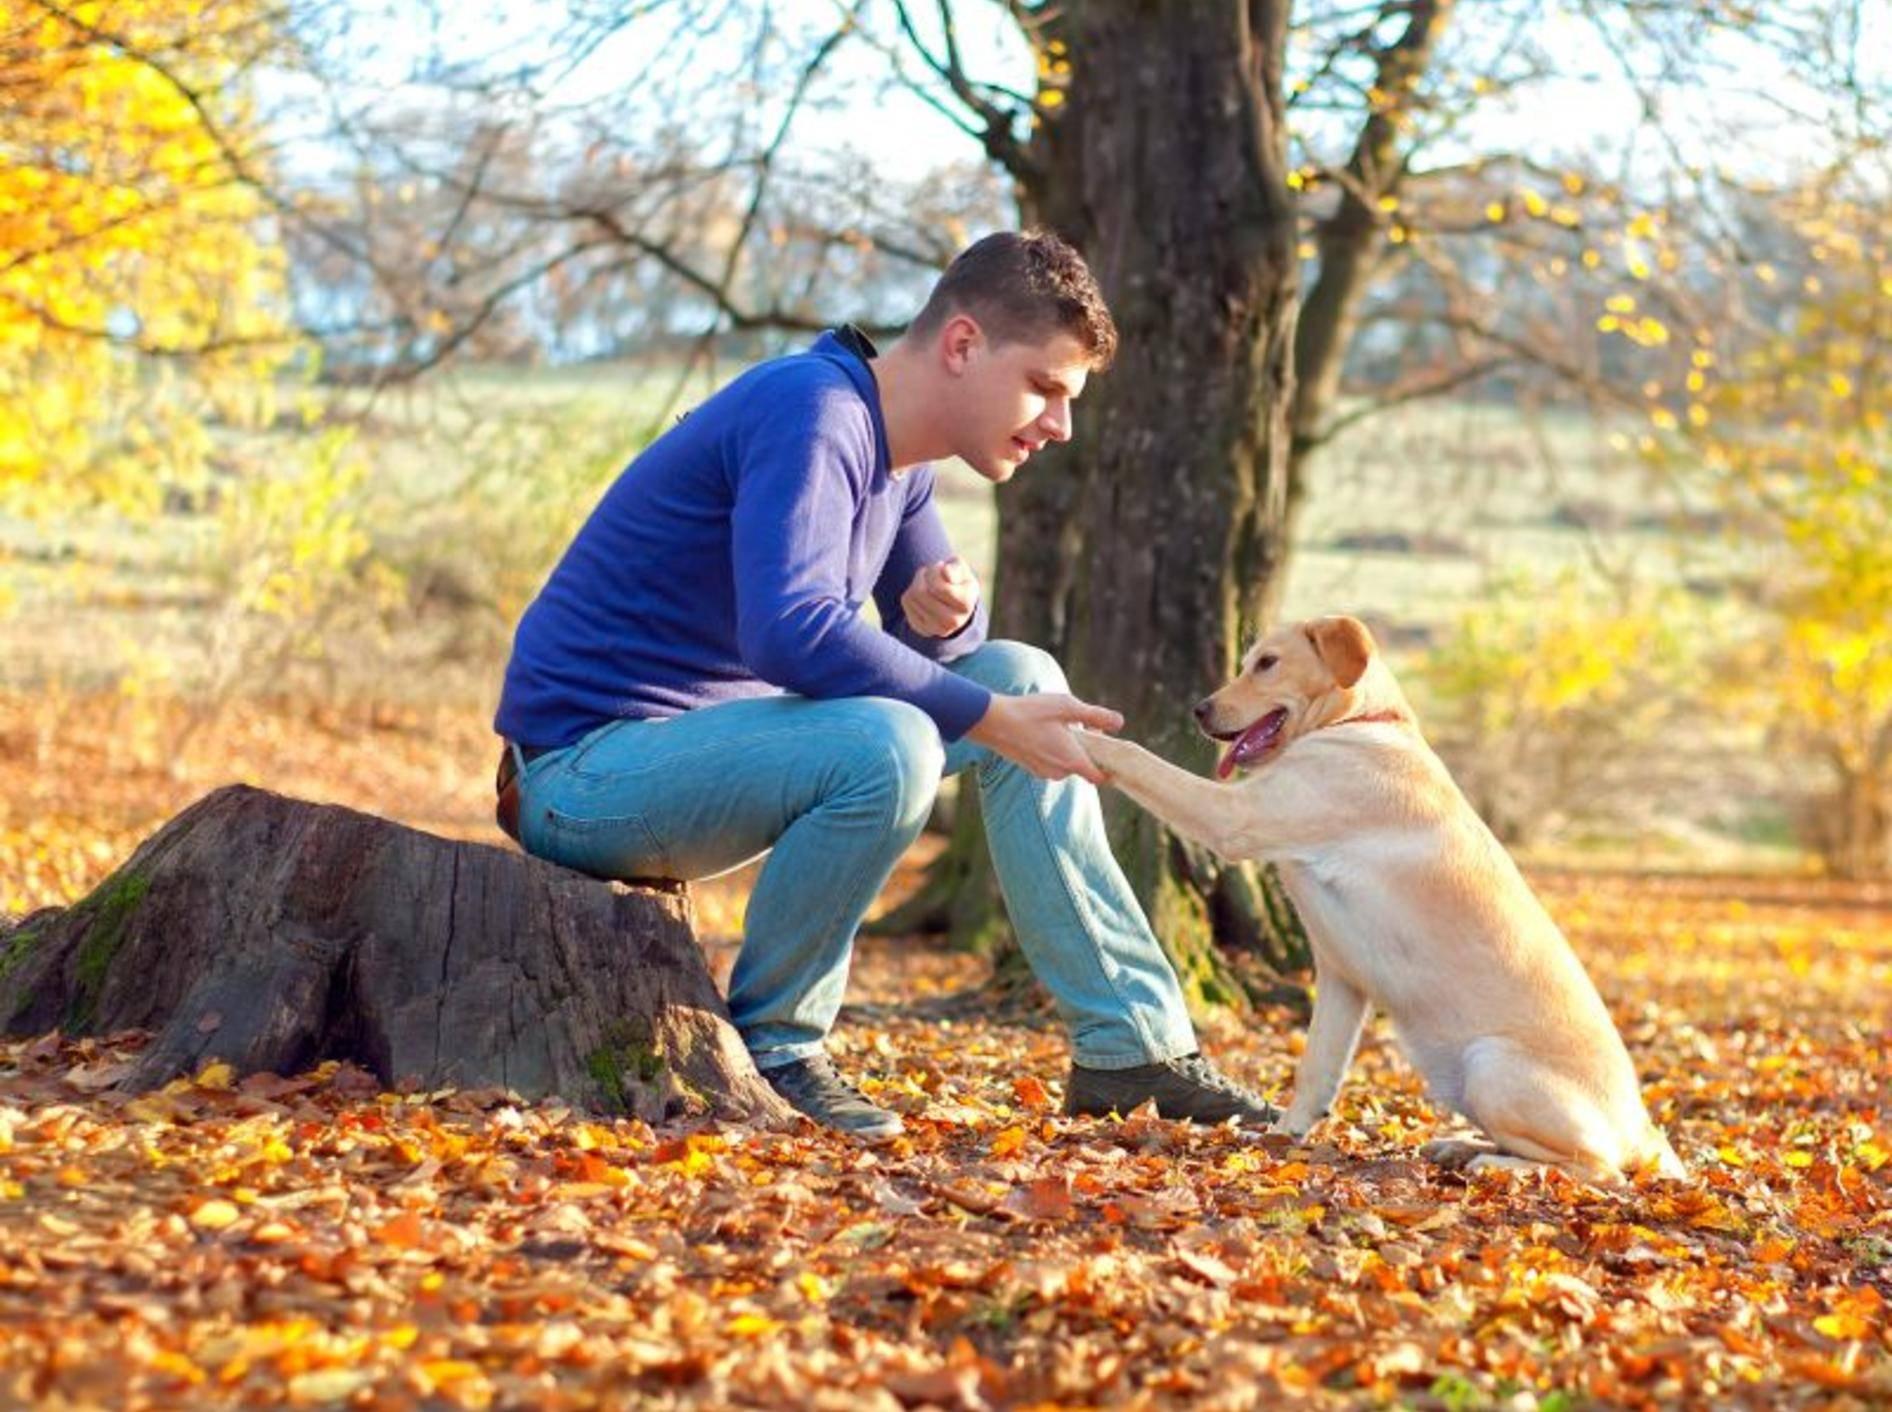 """""""Sitz!"""" ist eines der Kommandos, die der Hund für den Hundeführerschein beherrschen muss — Bild: Shutterstock / bogdanhoda"""